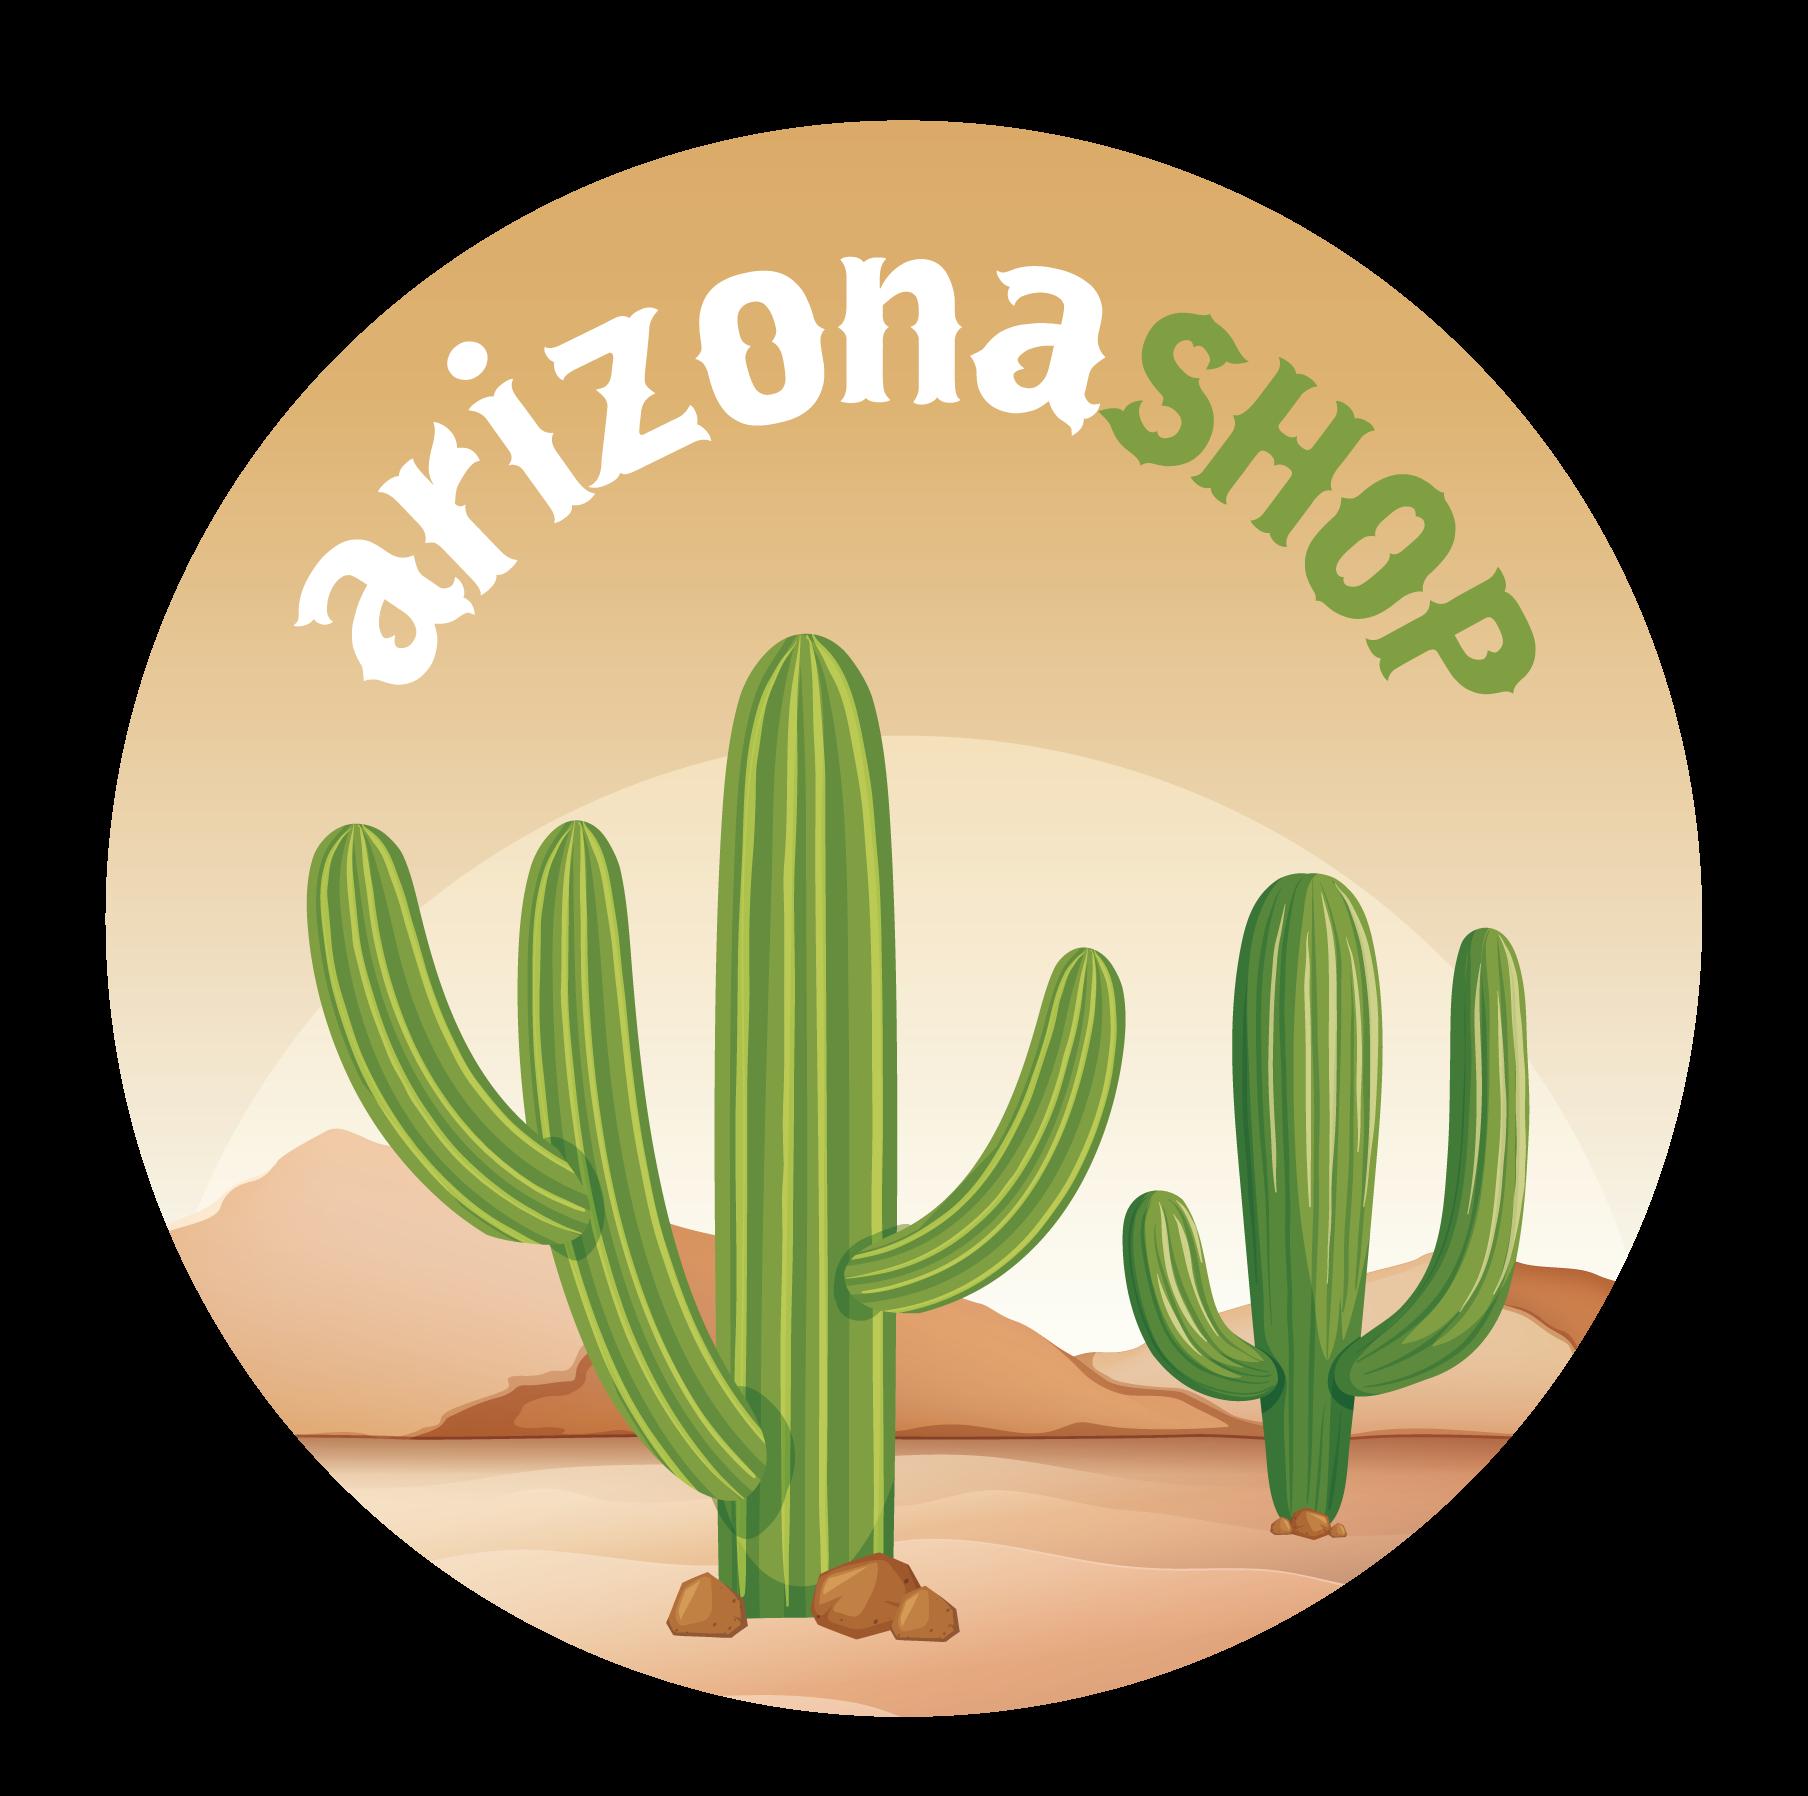 ArizonaShop | Regalos originales y artesanales personalizados